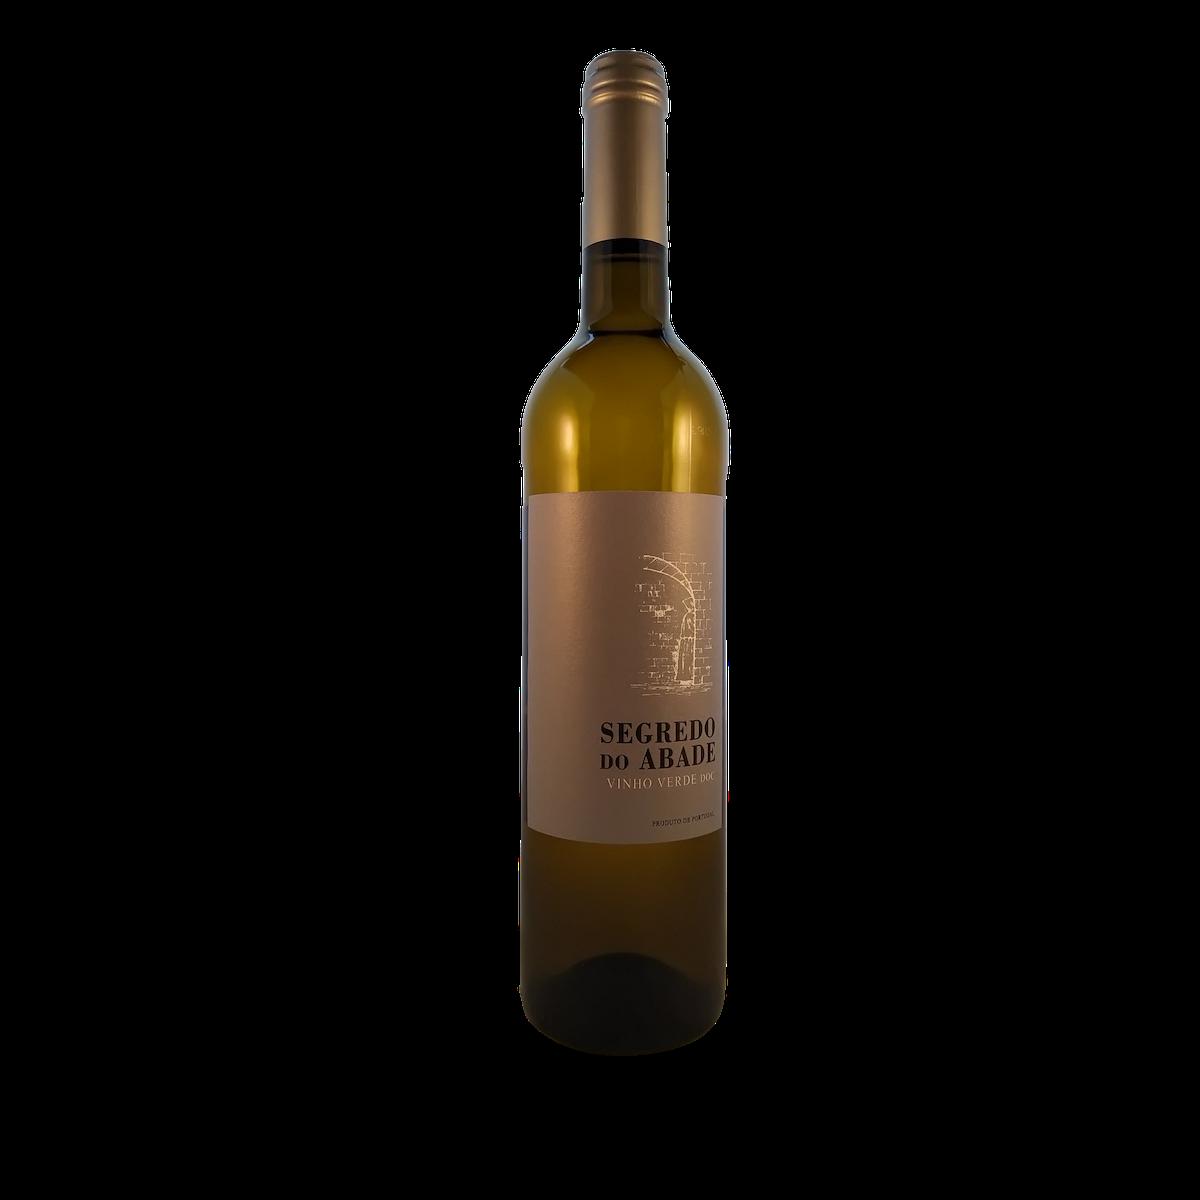 Segredo do Abade Vinho Verde, Vinhos Norte, 2019